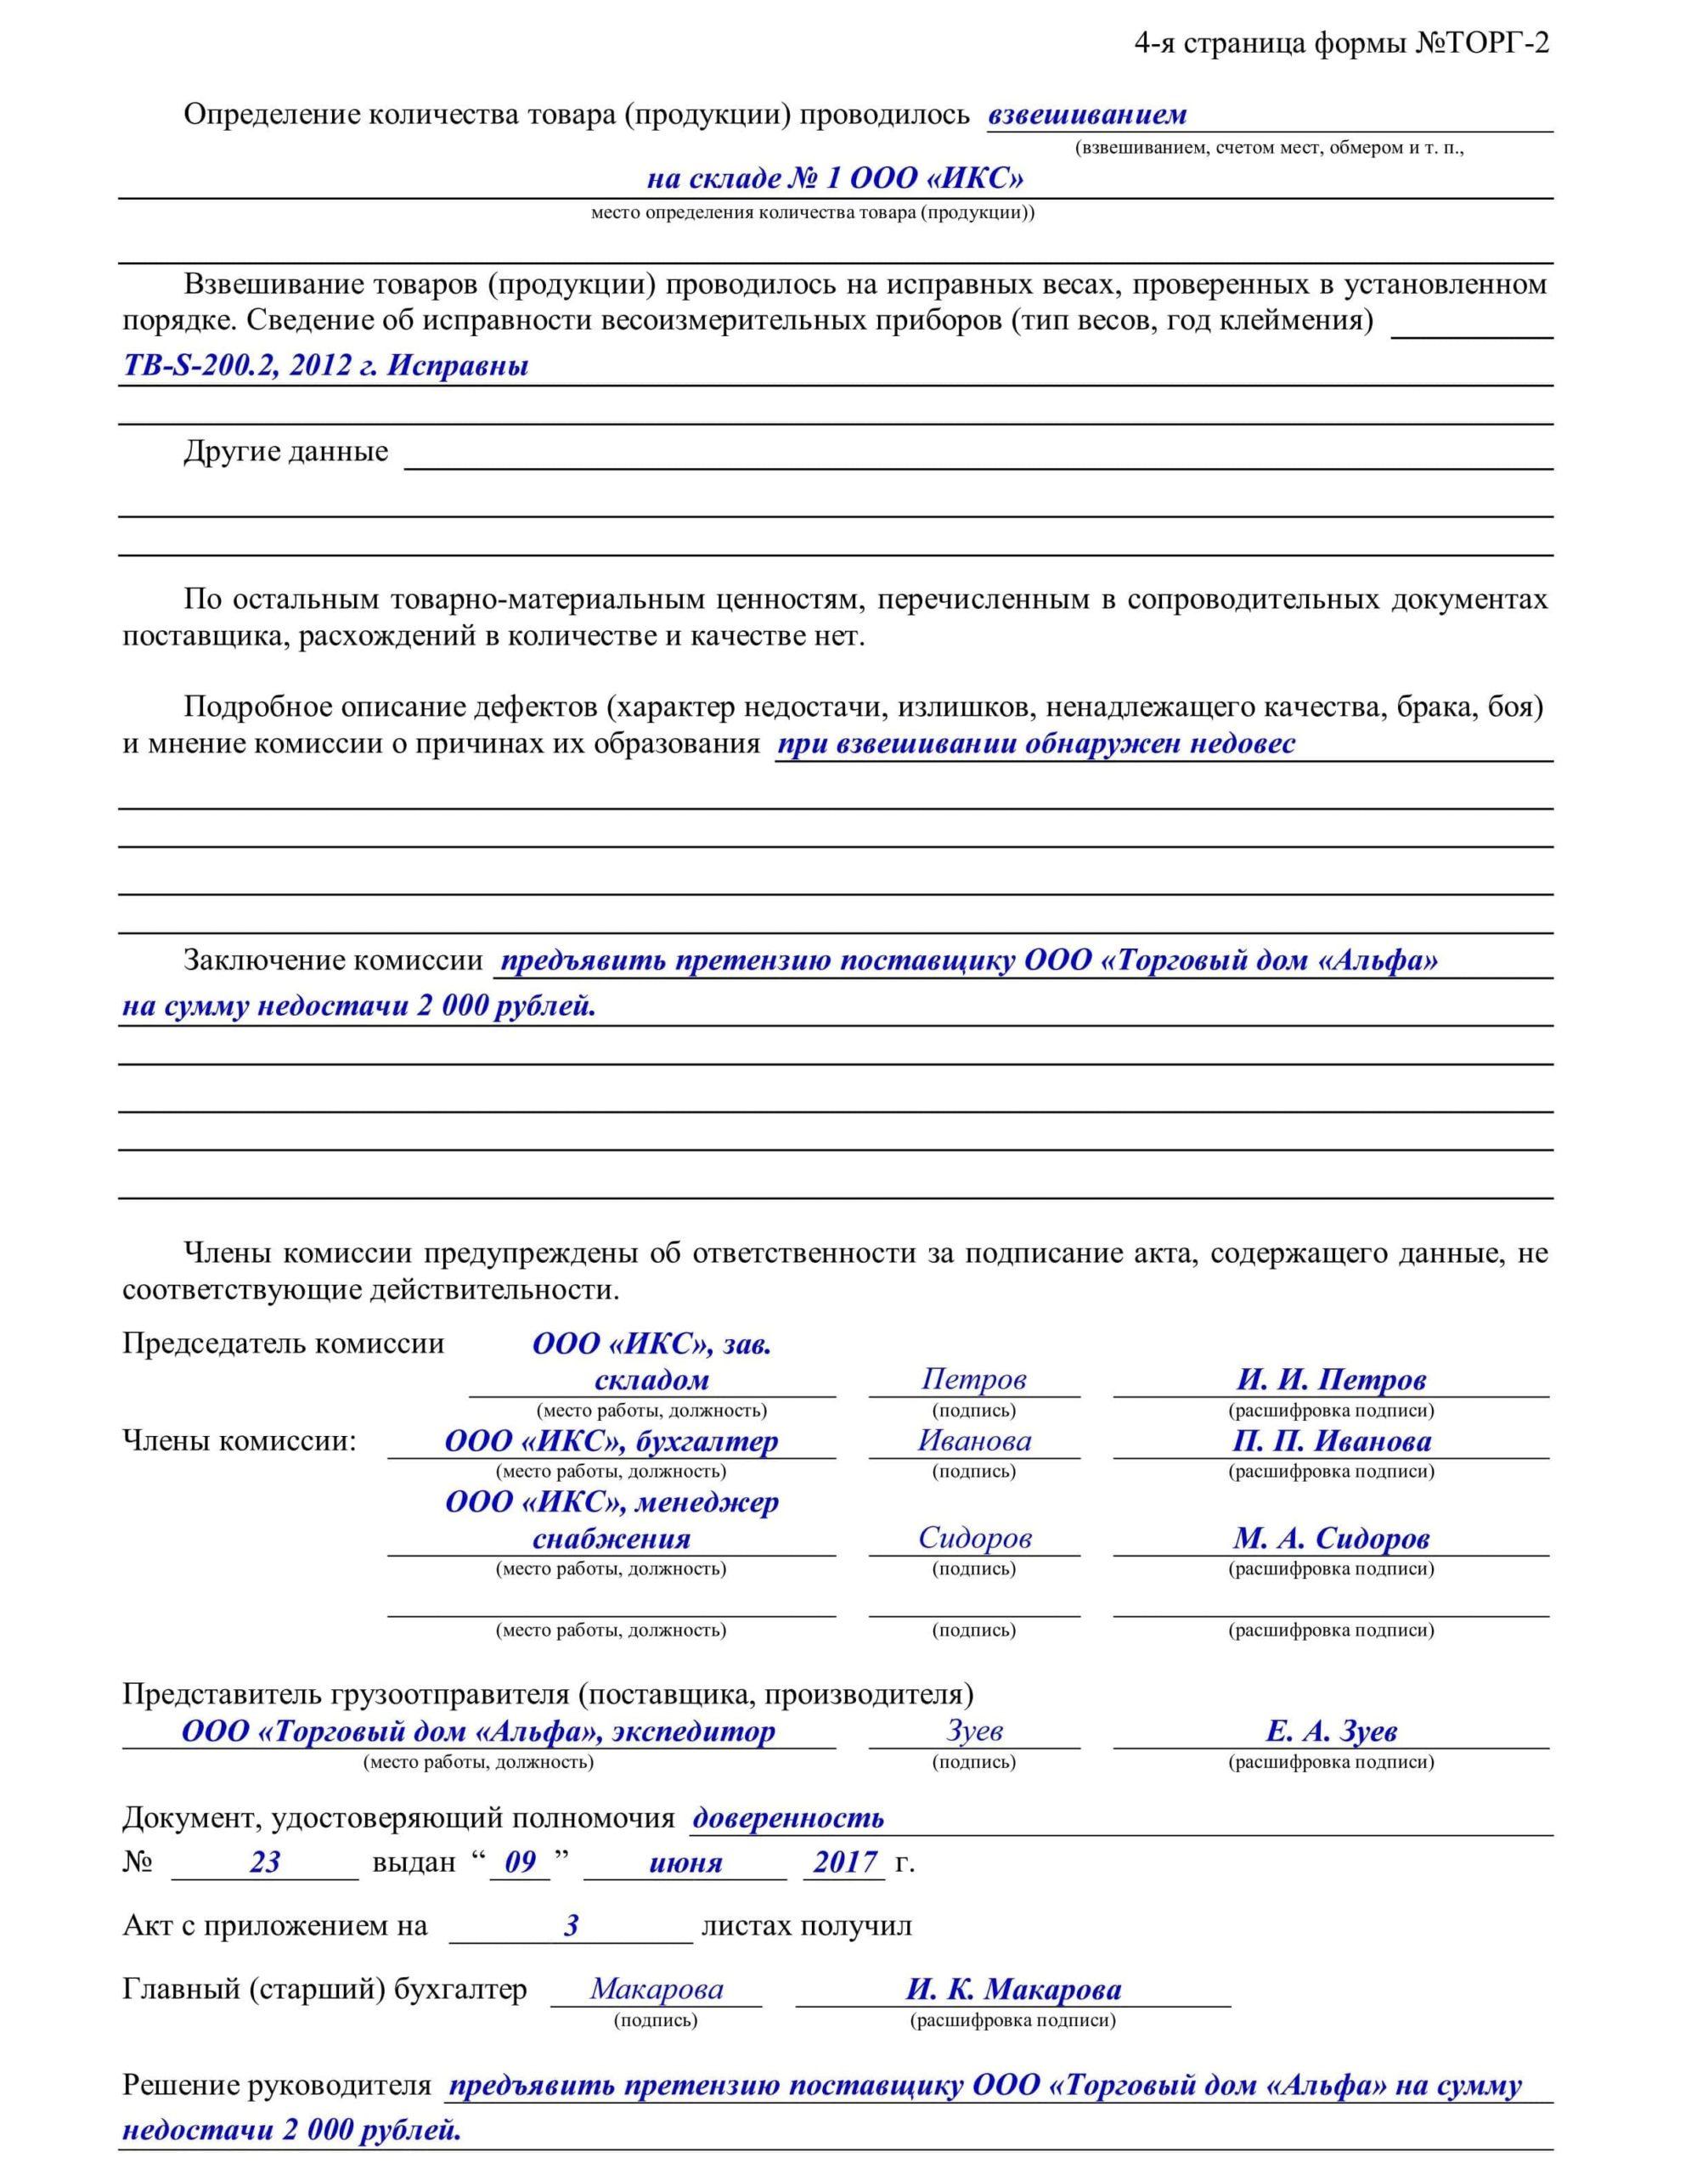 Образец ТОРГ-2